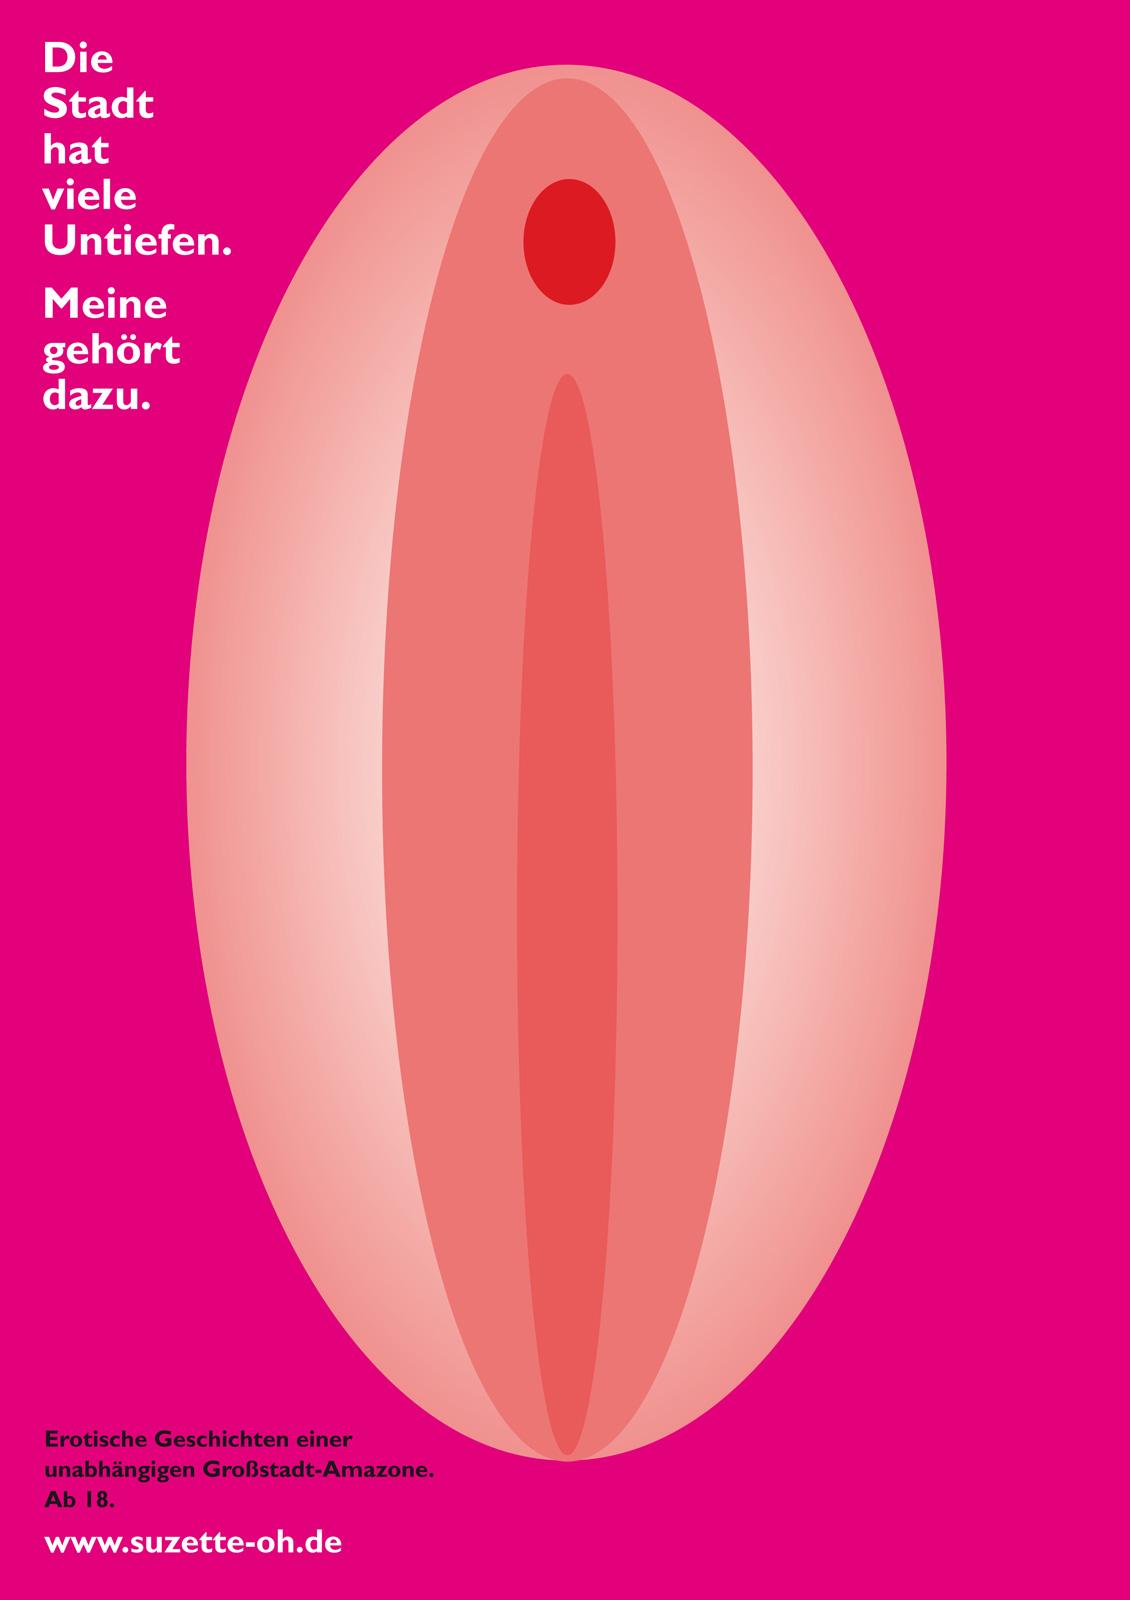 http://1.bp.blogspot.com/_42nL05s3A-8/TSOozrodZHI/AAAAAAAADIE/Xb6WBumY258/s1600/Suzette-Oh-Blog-vagina.jpg